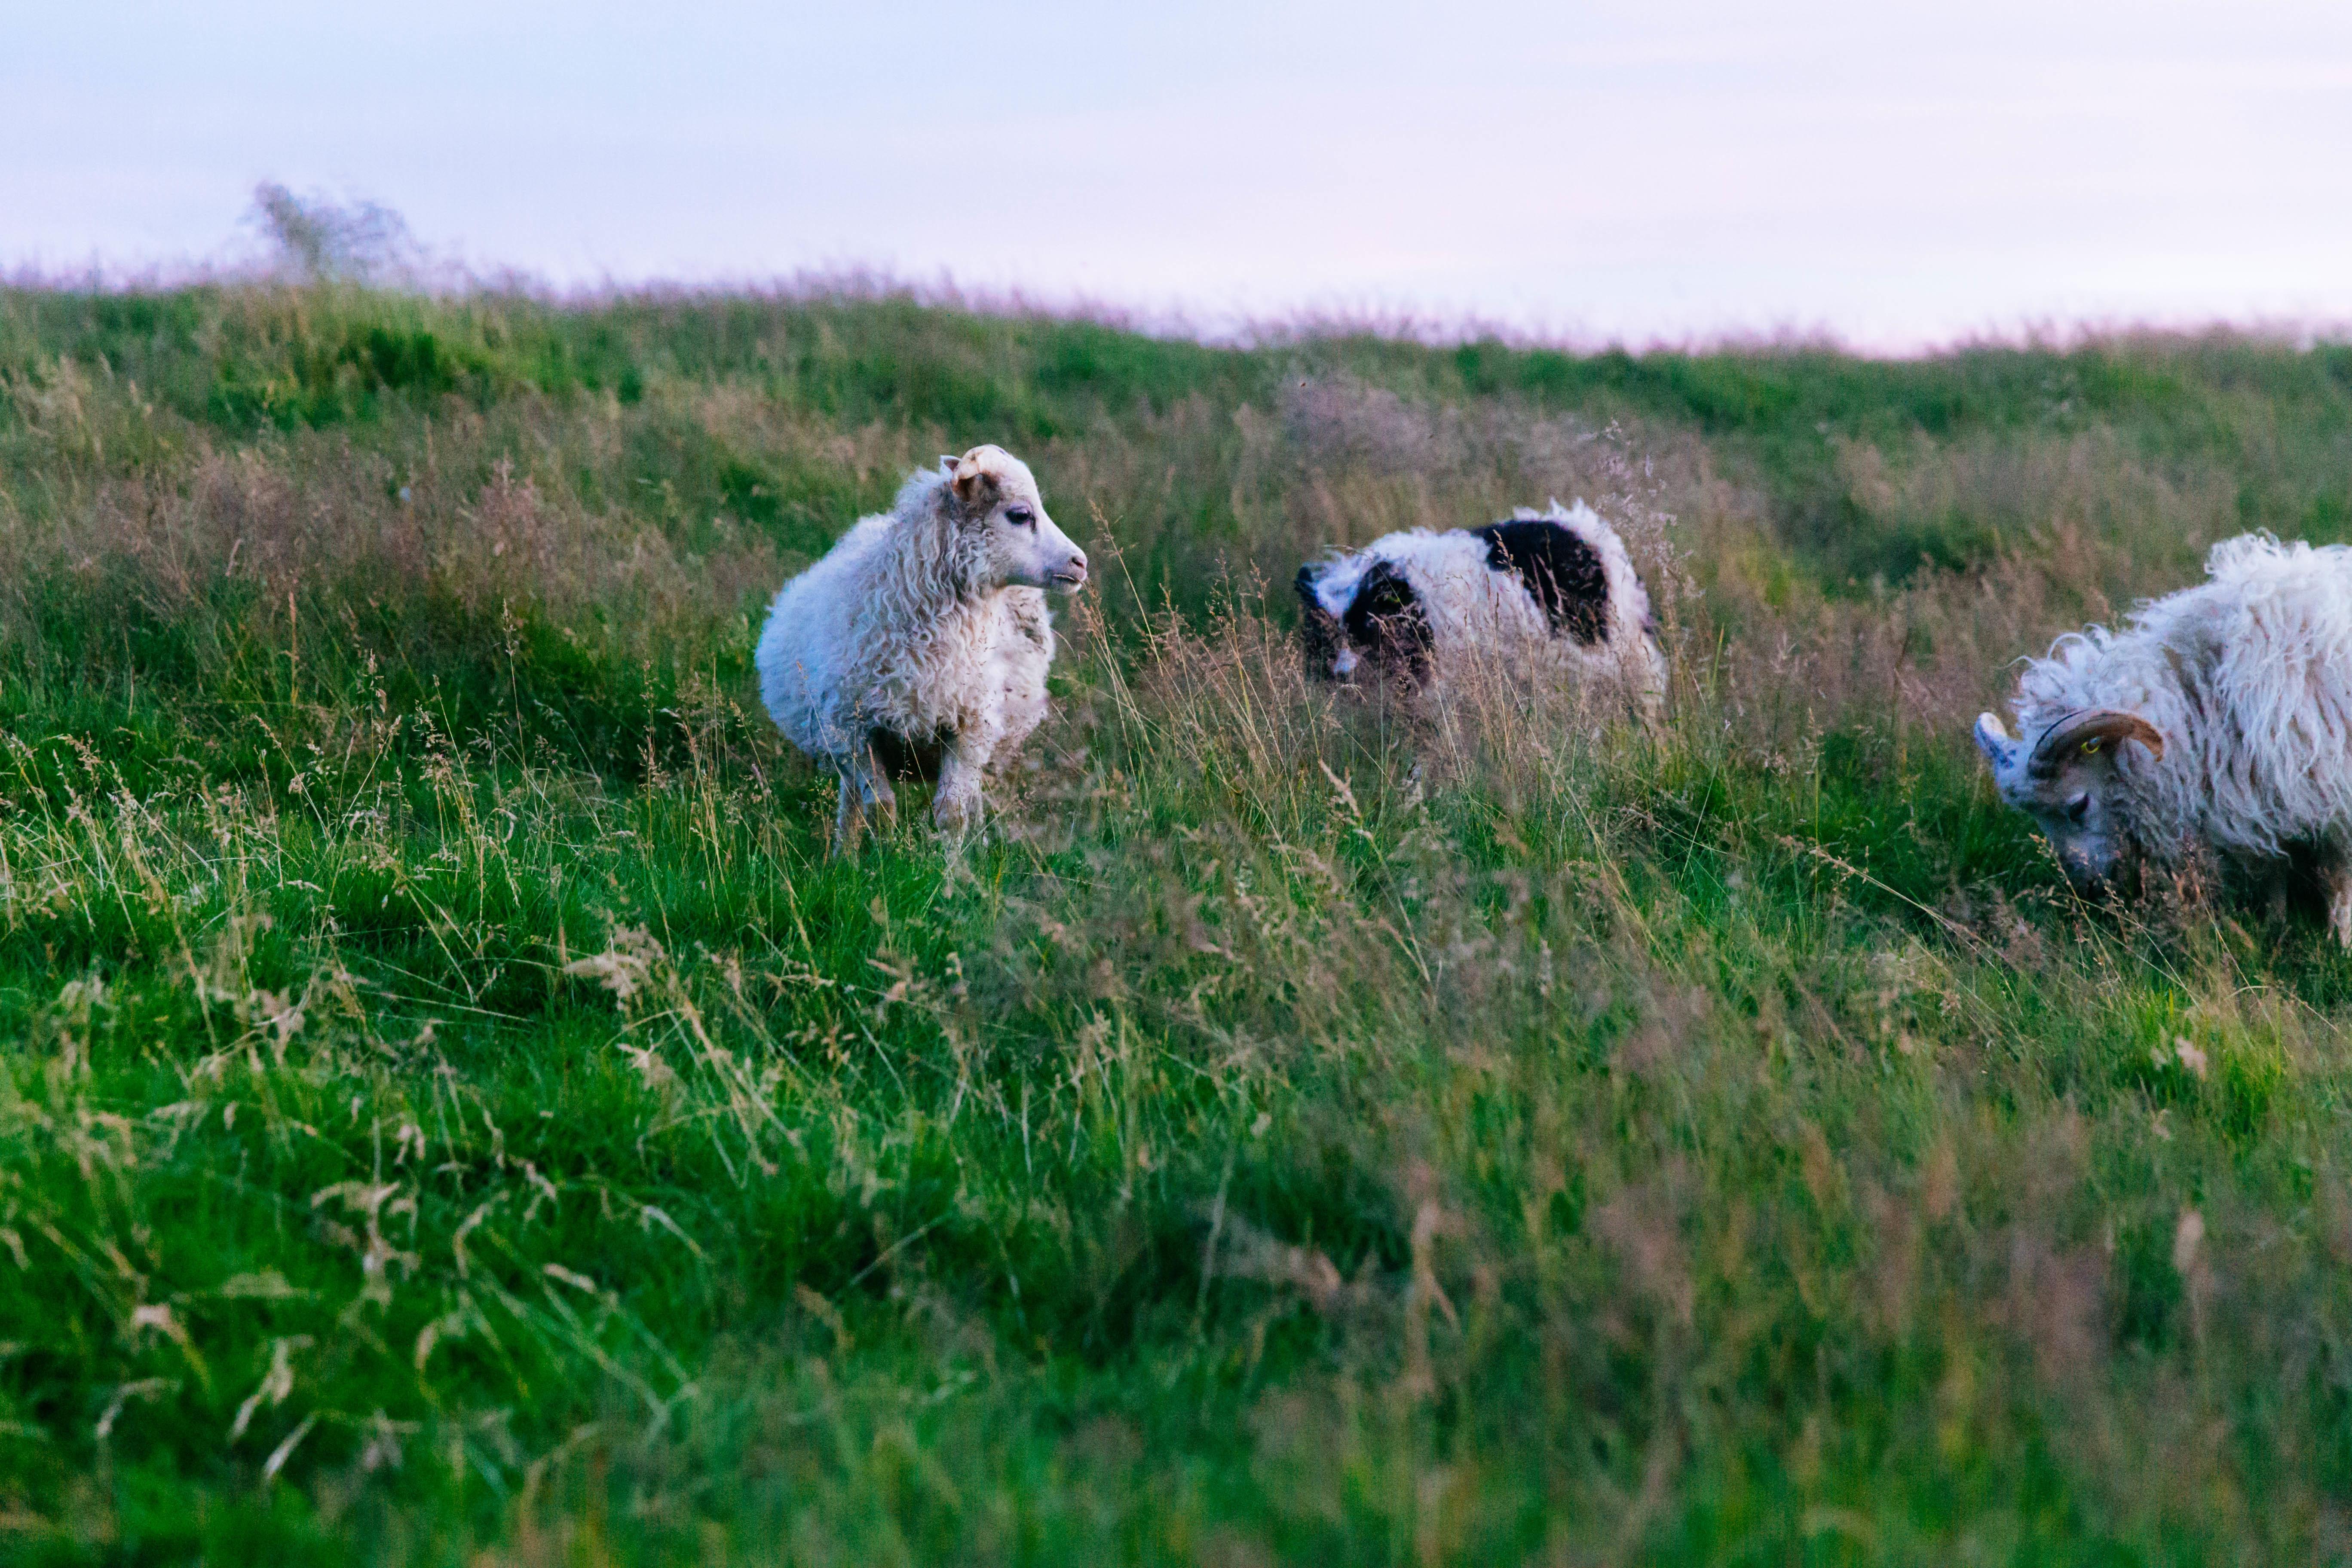 качели картинки луг с овцами речного